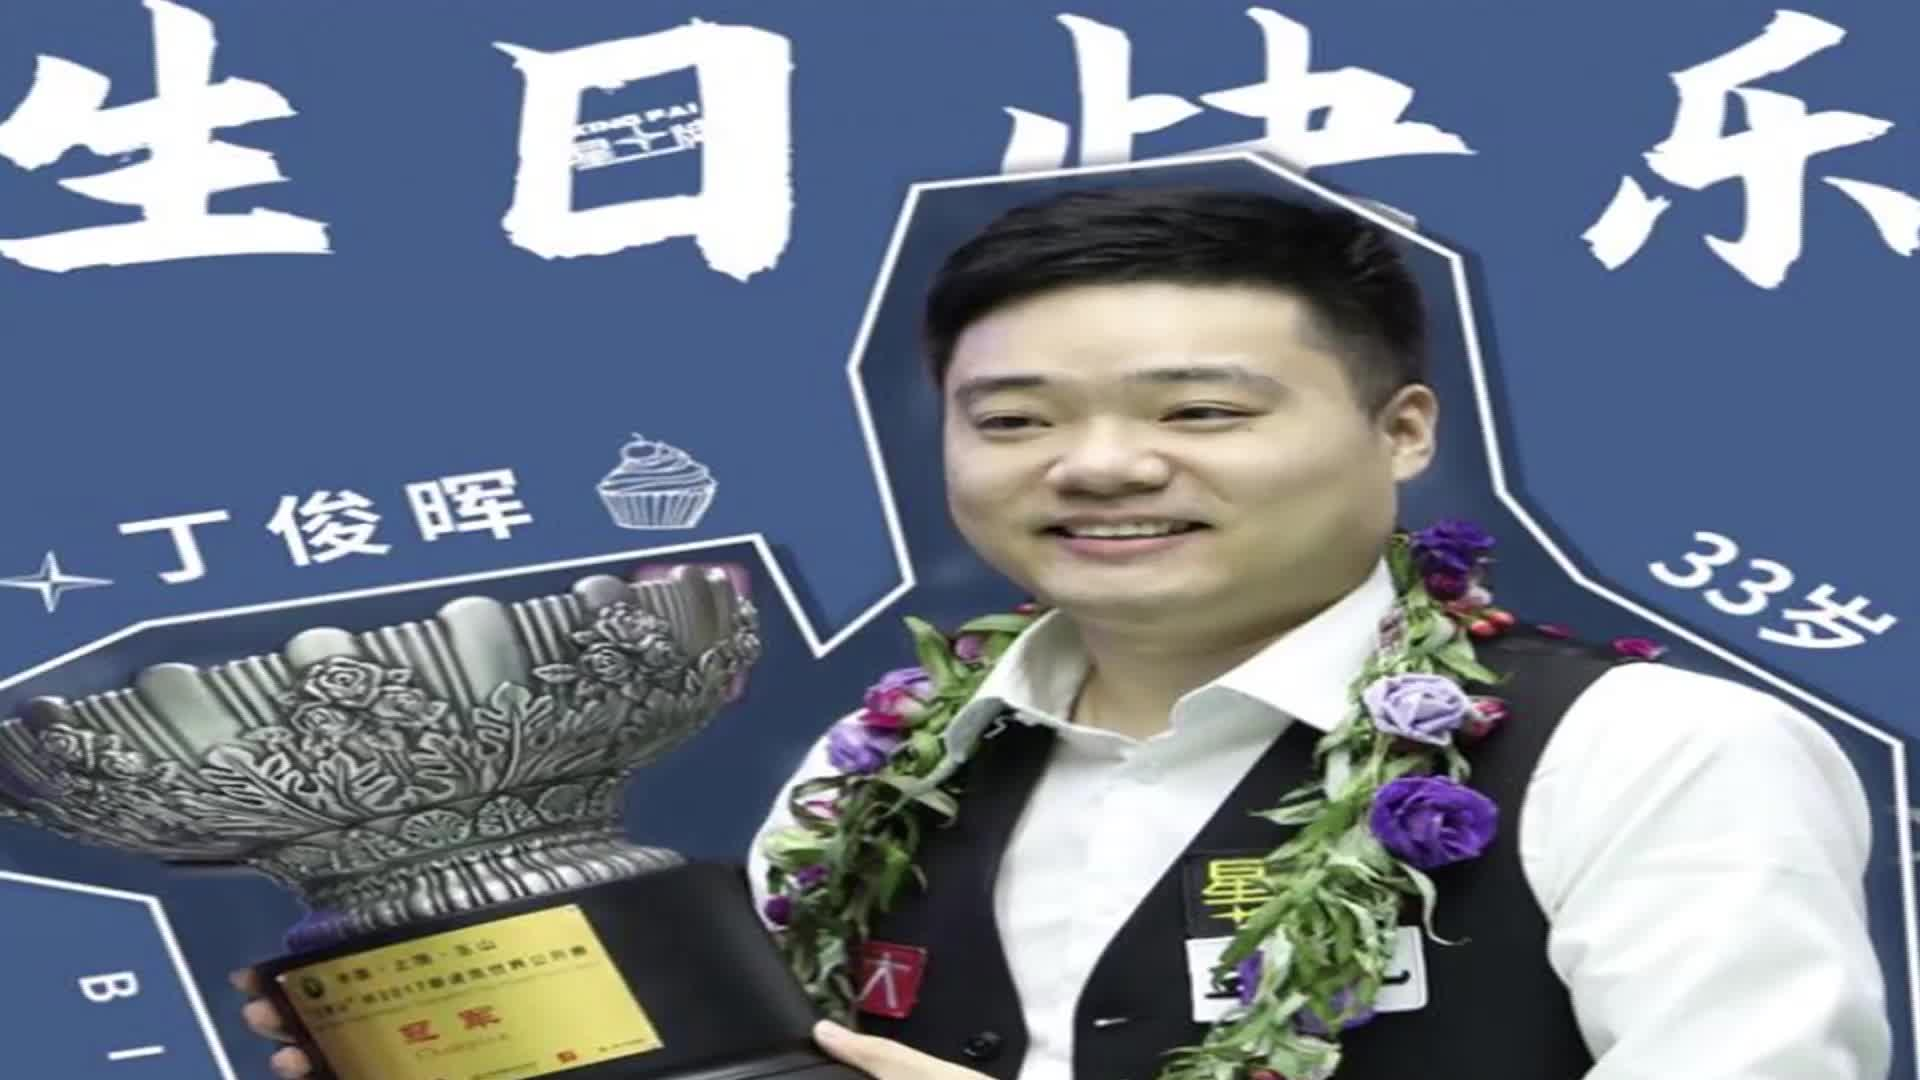 小丁生日快乐!用球杆改变一项运动 迎来台球在中国最好年代